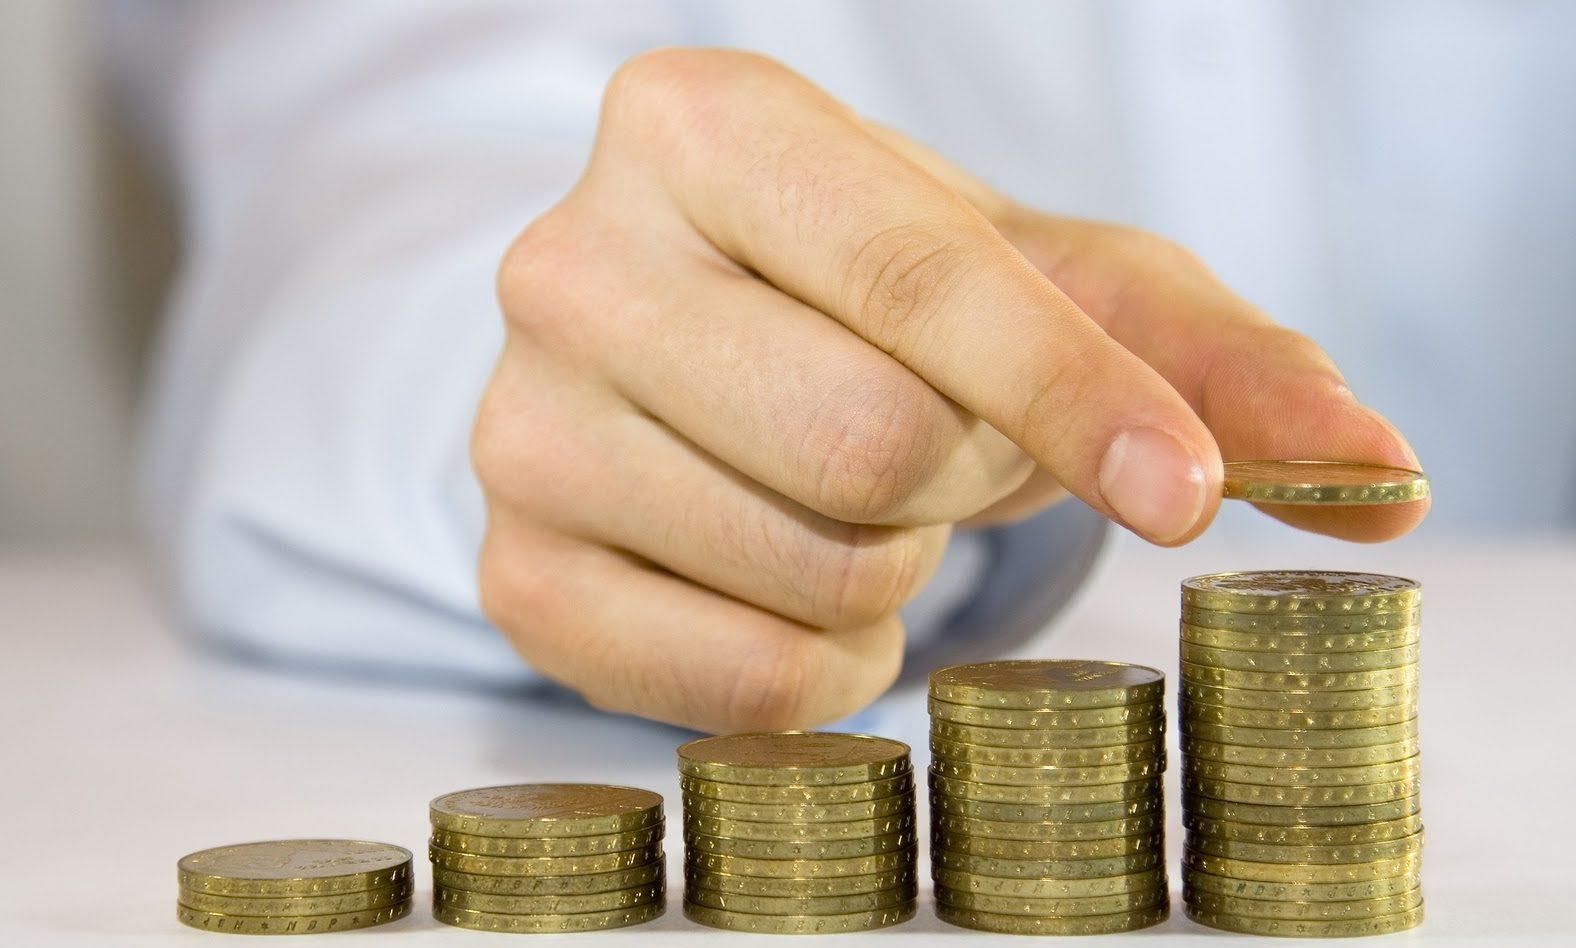 hogyan lehet pénzt keresni a rendőrségen másolat kereskedelmi tanácsadó